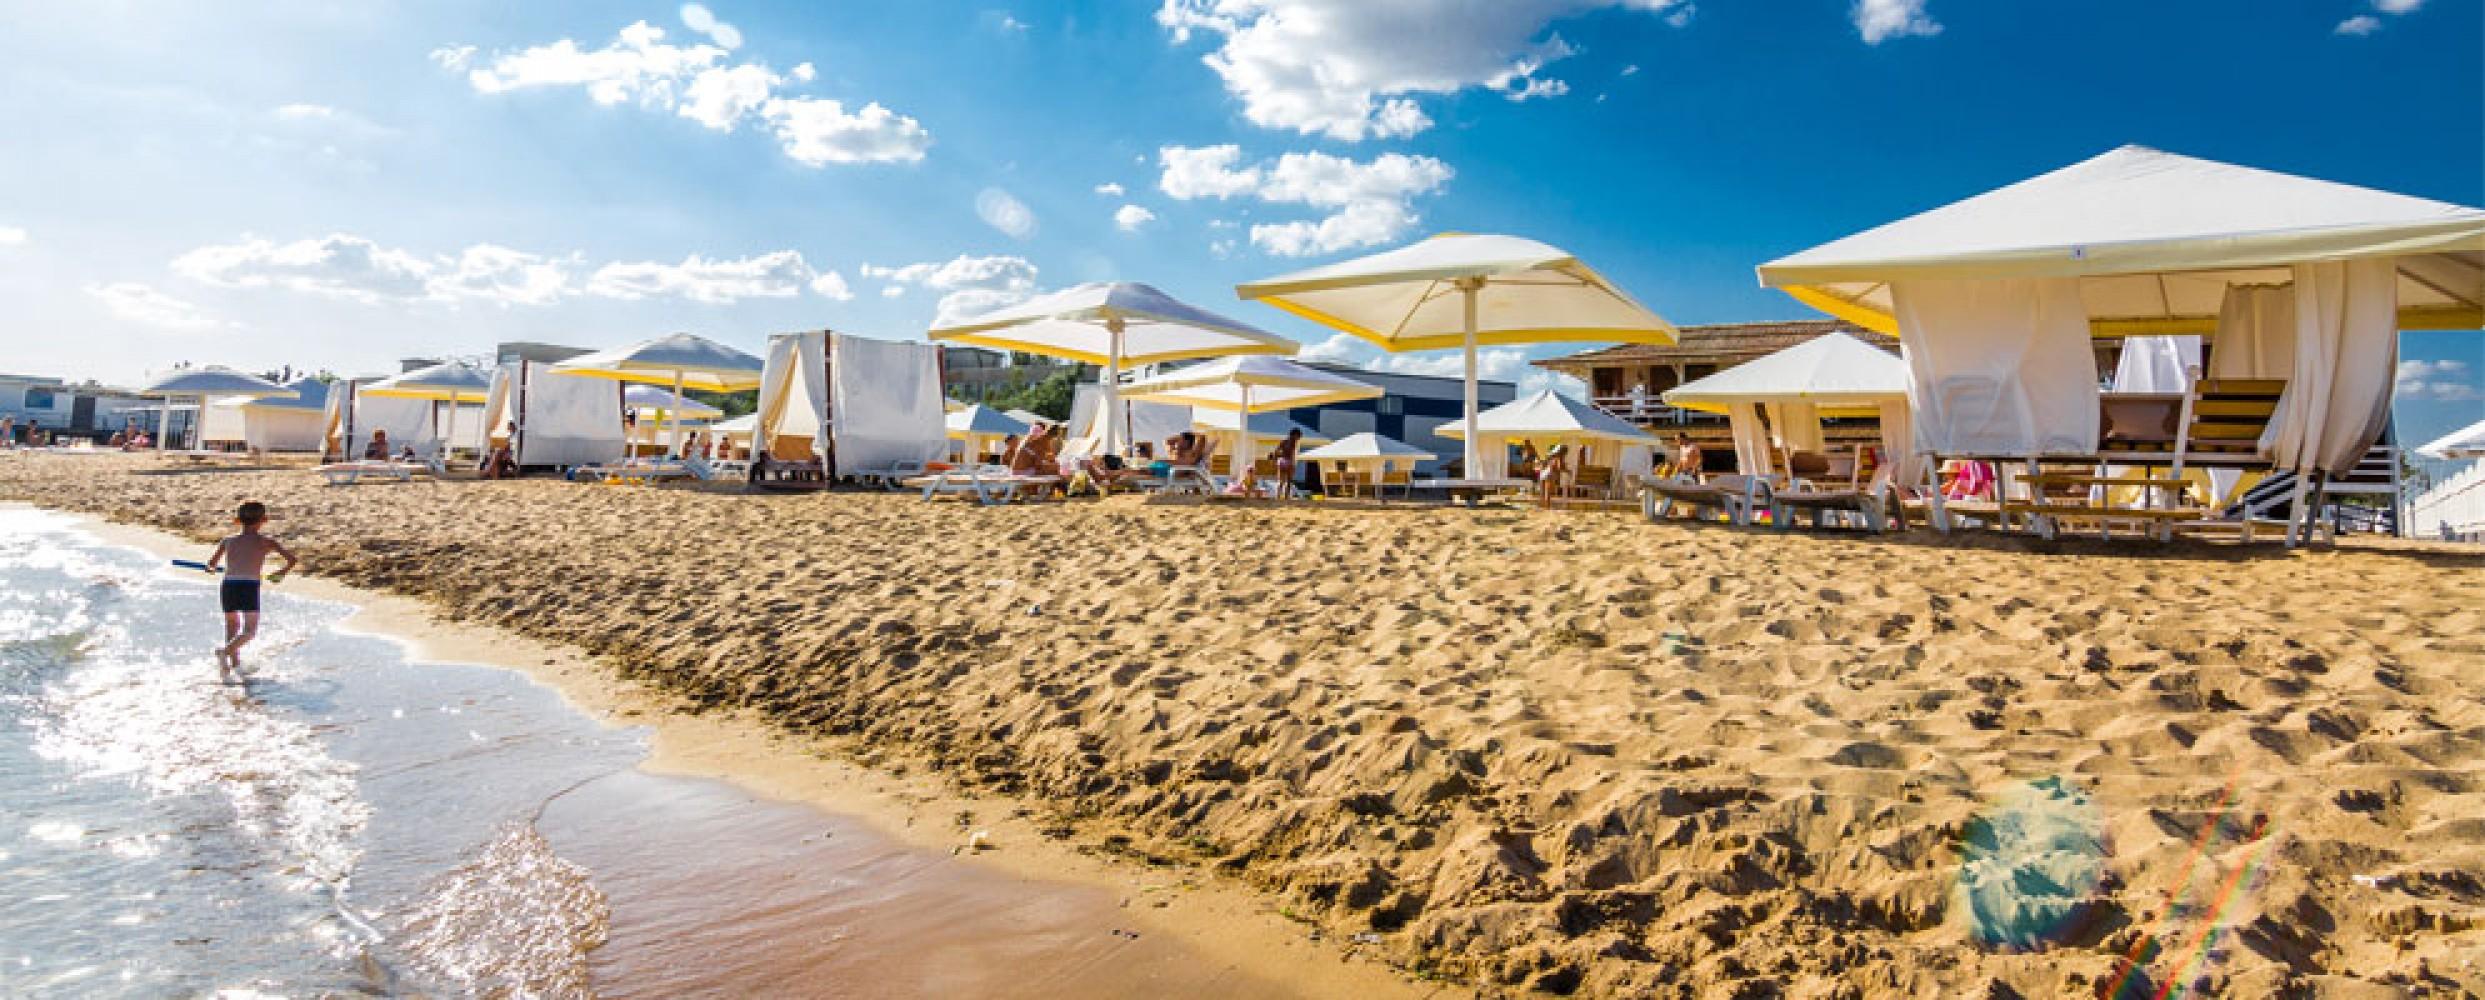 Евпатория фото пляжа цена